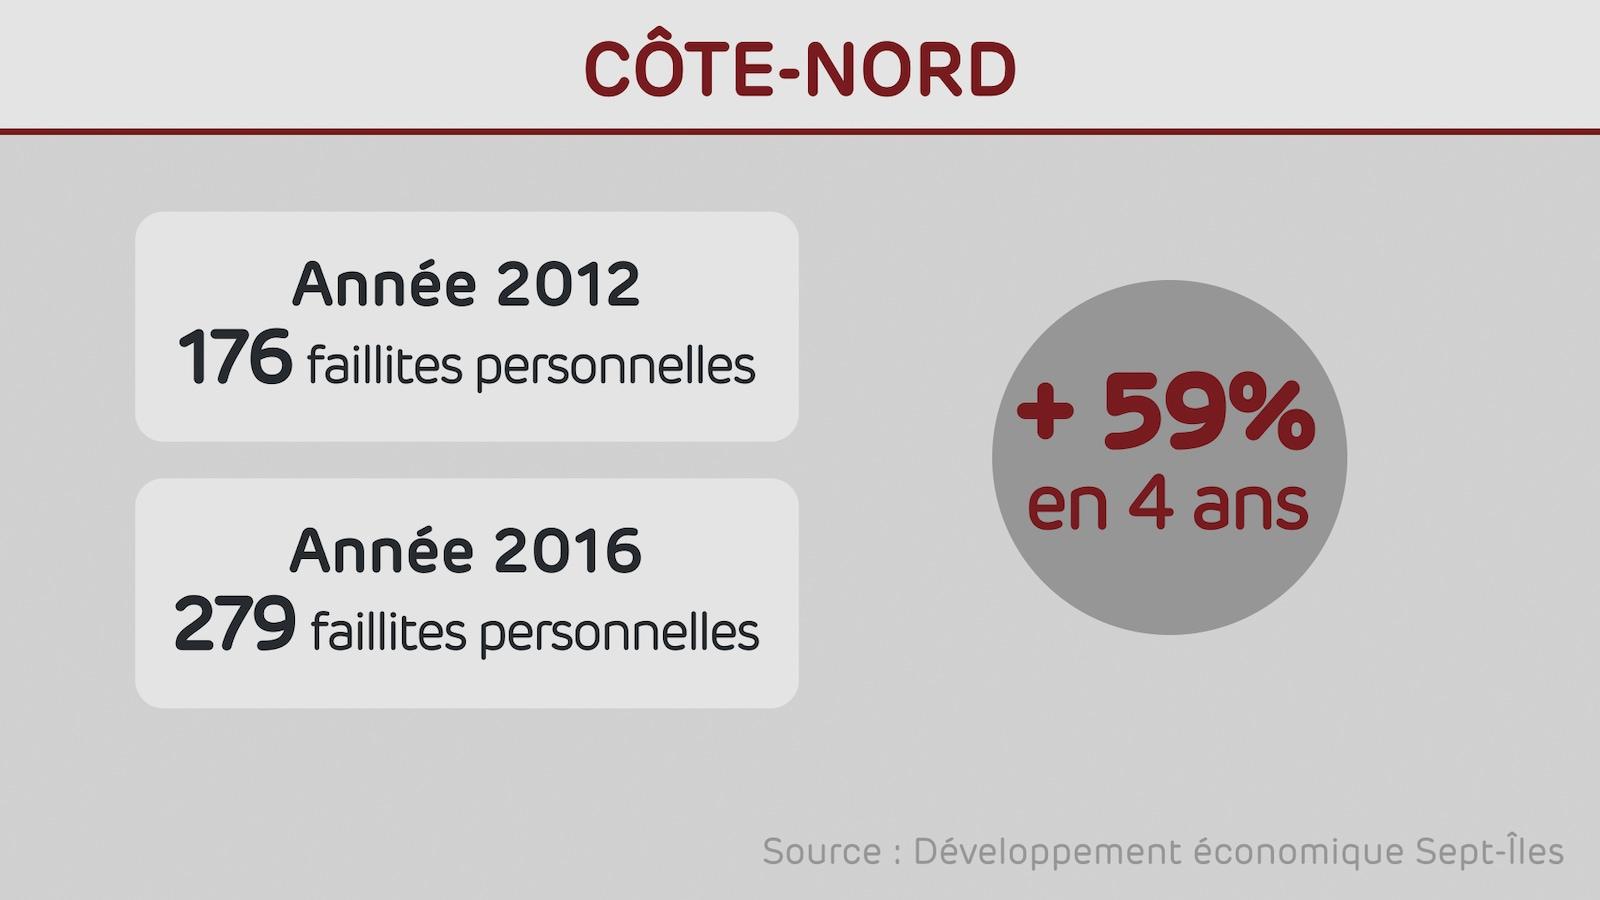 Les faillites personnelles ont augmenté de 59 % sur la Côte-Nord.